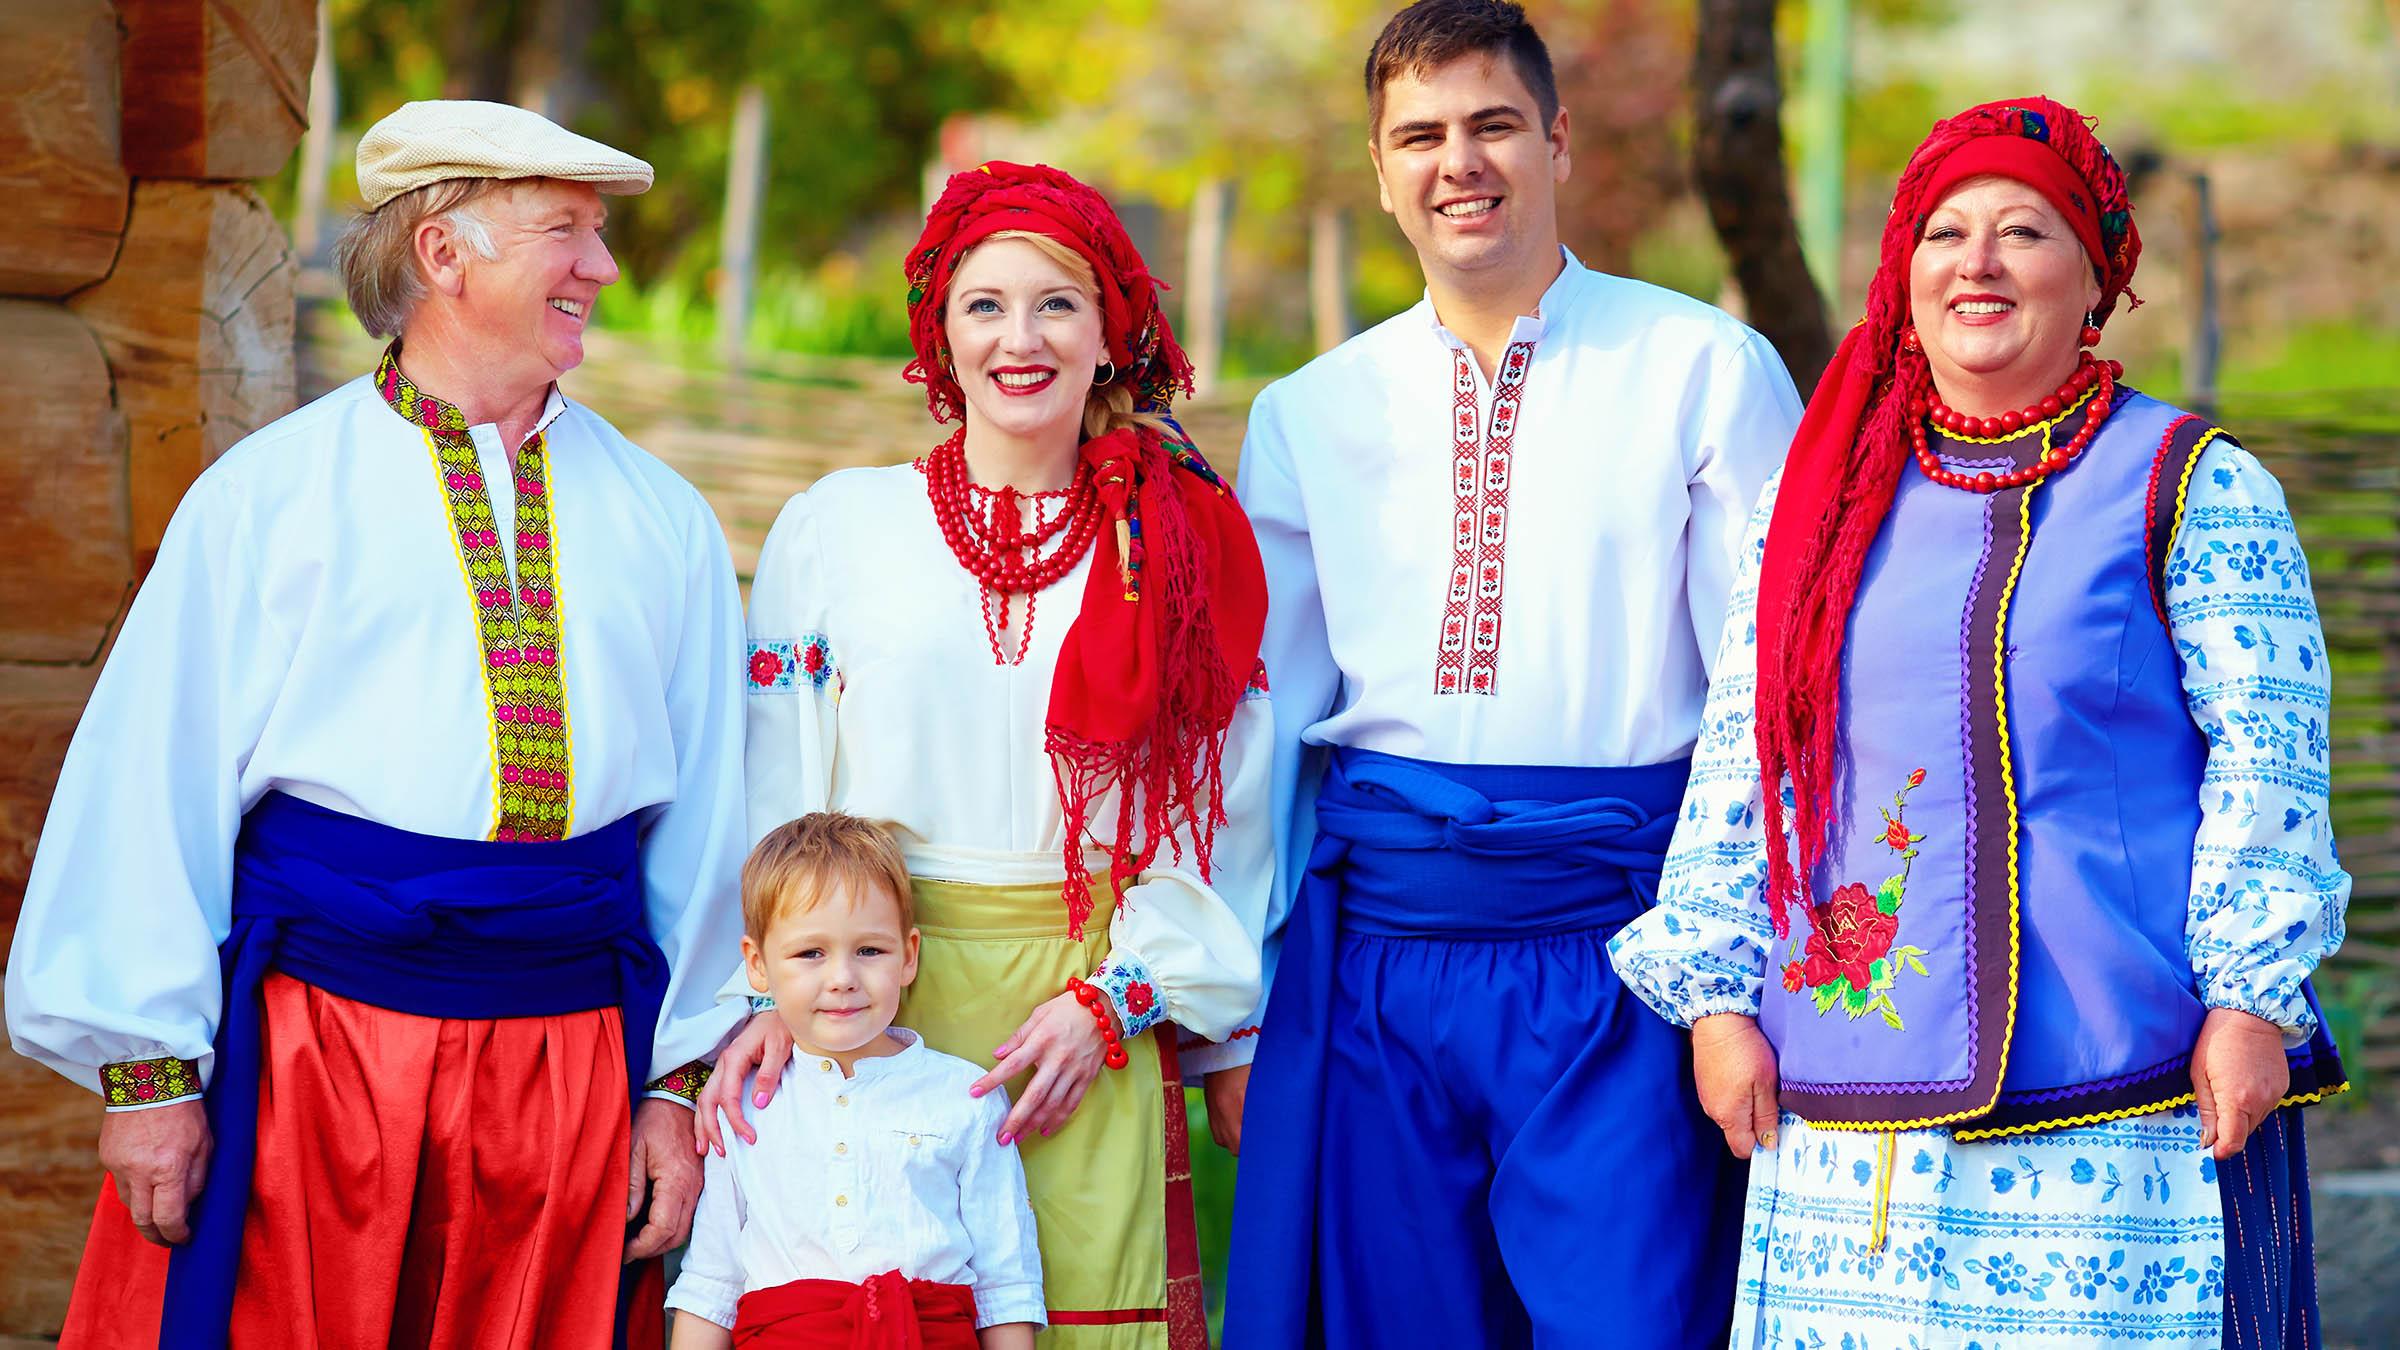 Cmo es la vestimenta tpica europea para hombre y mujer